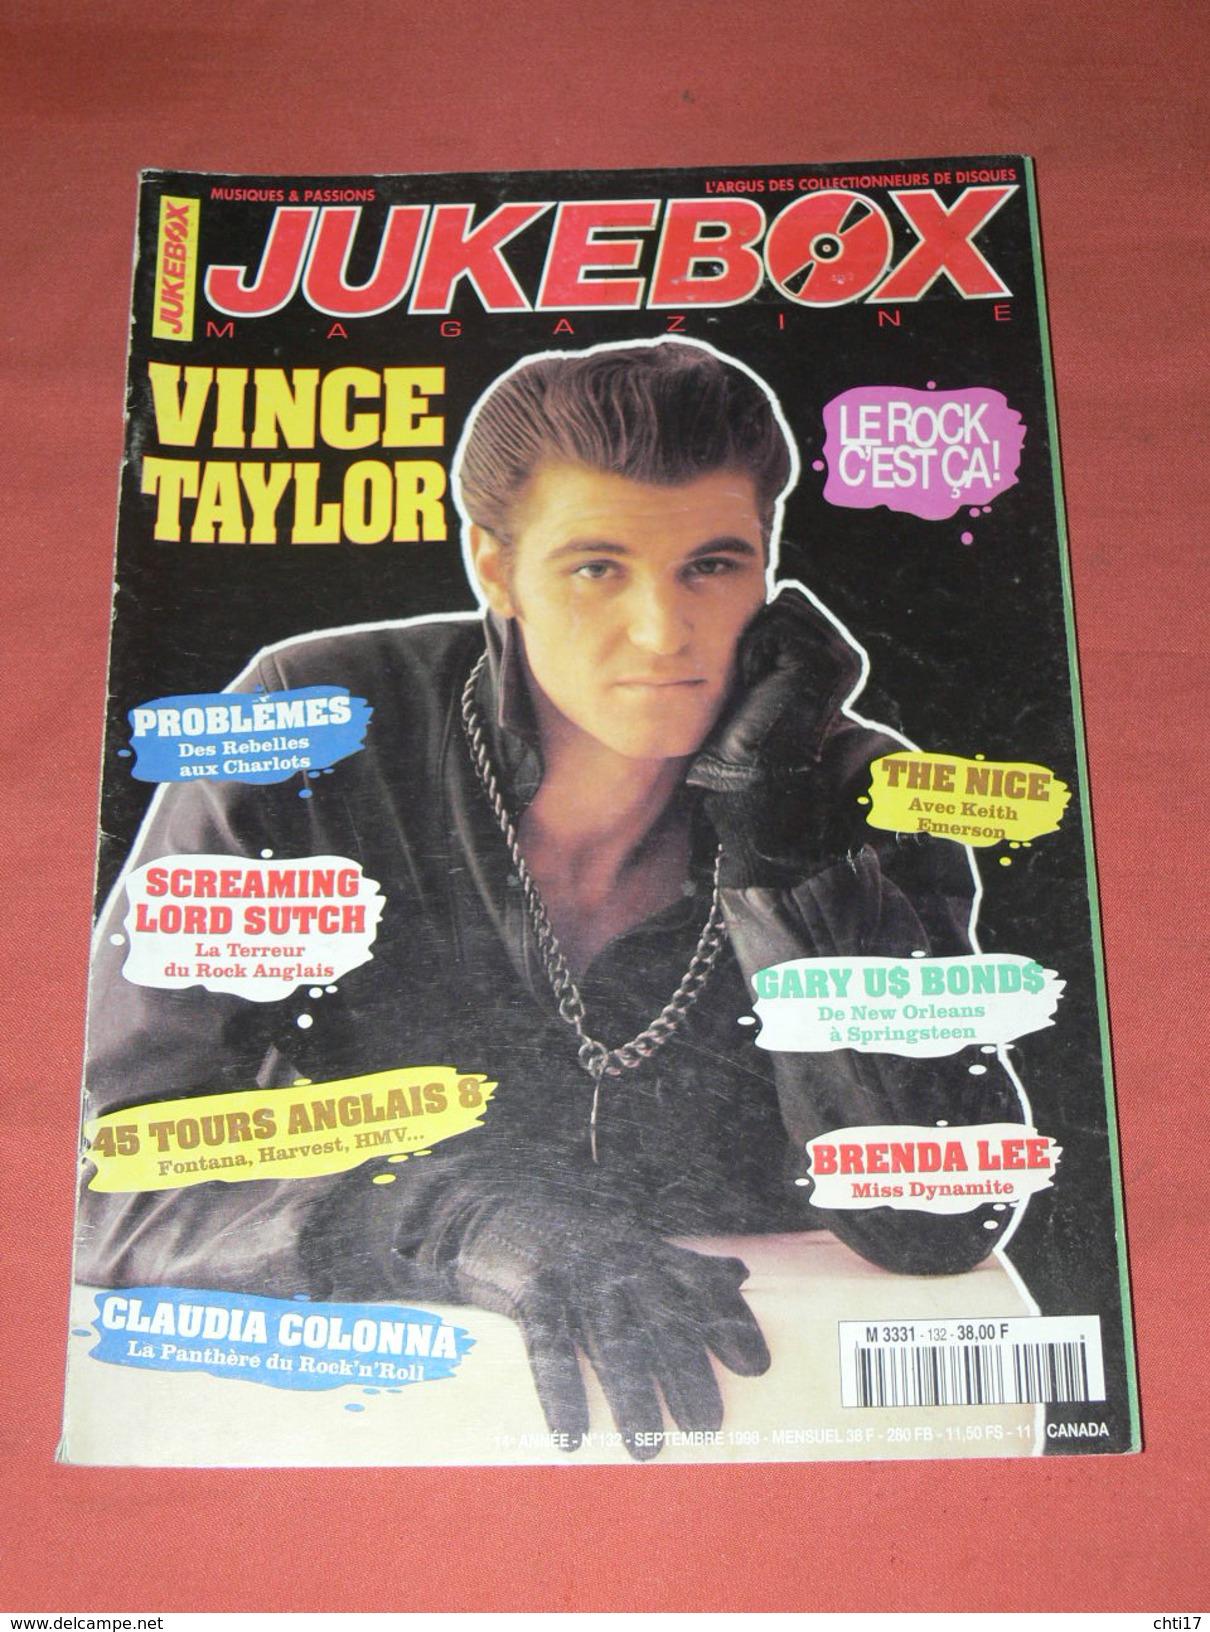 JUKEBOX MAGAZINE / COTE  DISQUES VINYLES 1960 / SPECIAL ROCK ANGLAIS 45 TOURS 1954/62  VINCE TAYLORD / - Musique